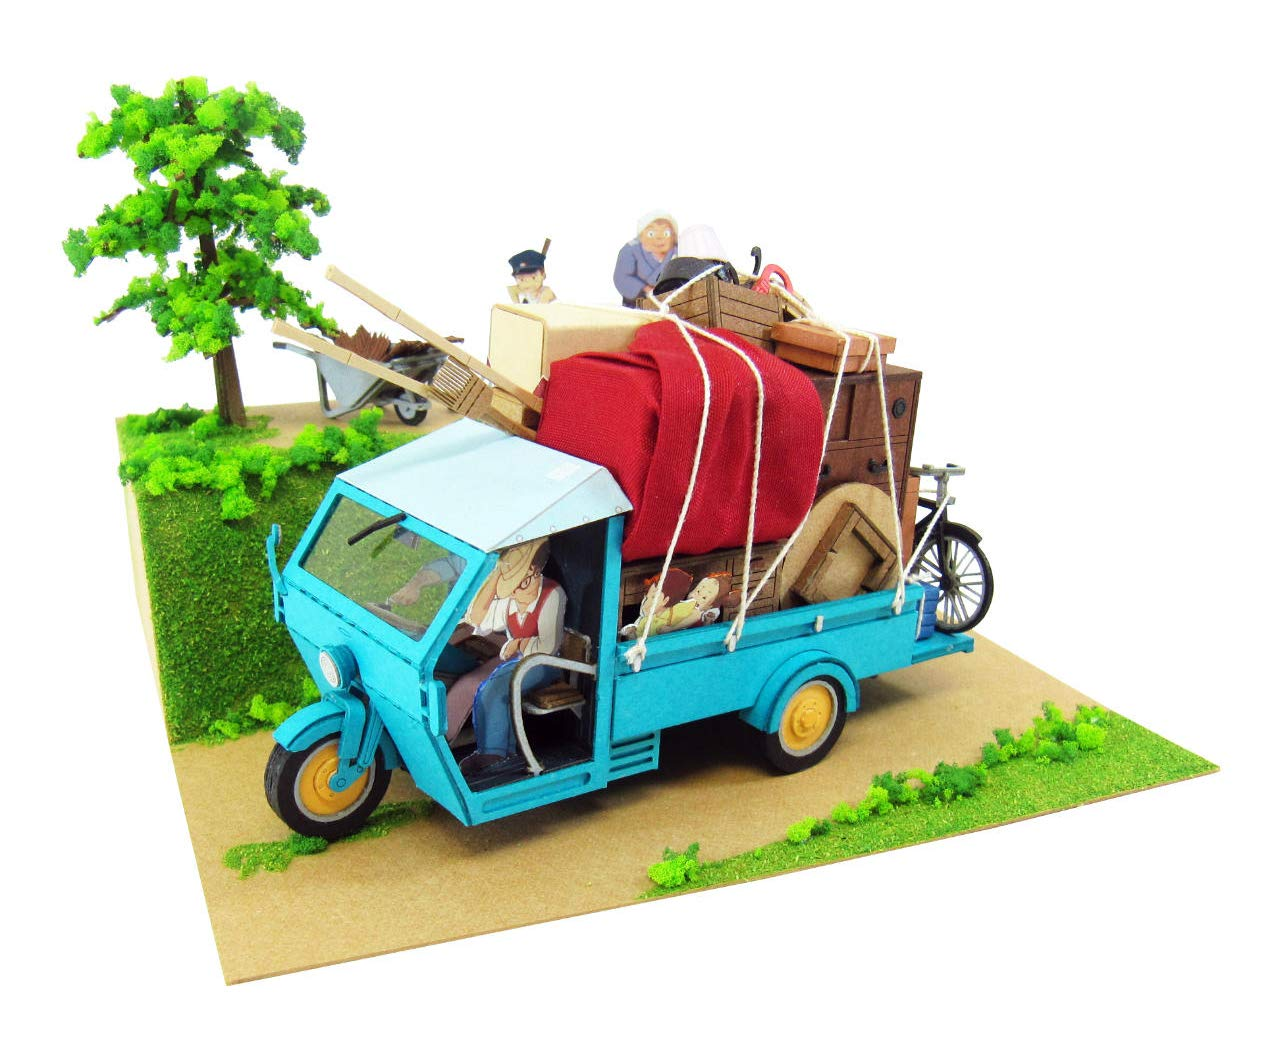 Mover MK07-14 (el arte de papel) Mi Vecino Totoro casa Kusakabe es 1/48 de la serie Studio Ghibli (japn importacin)